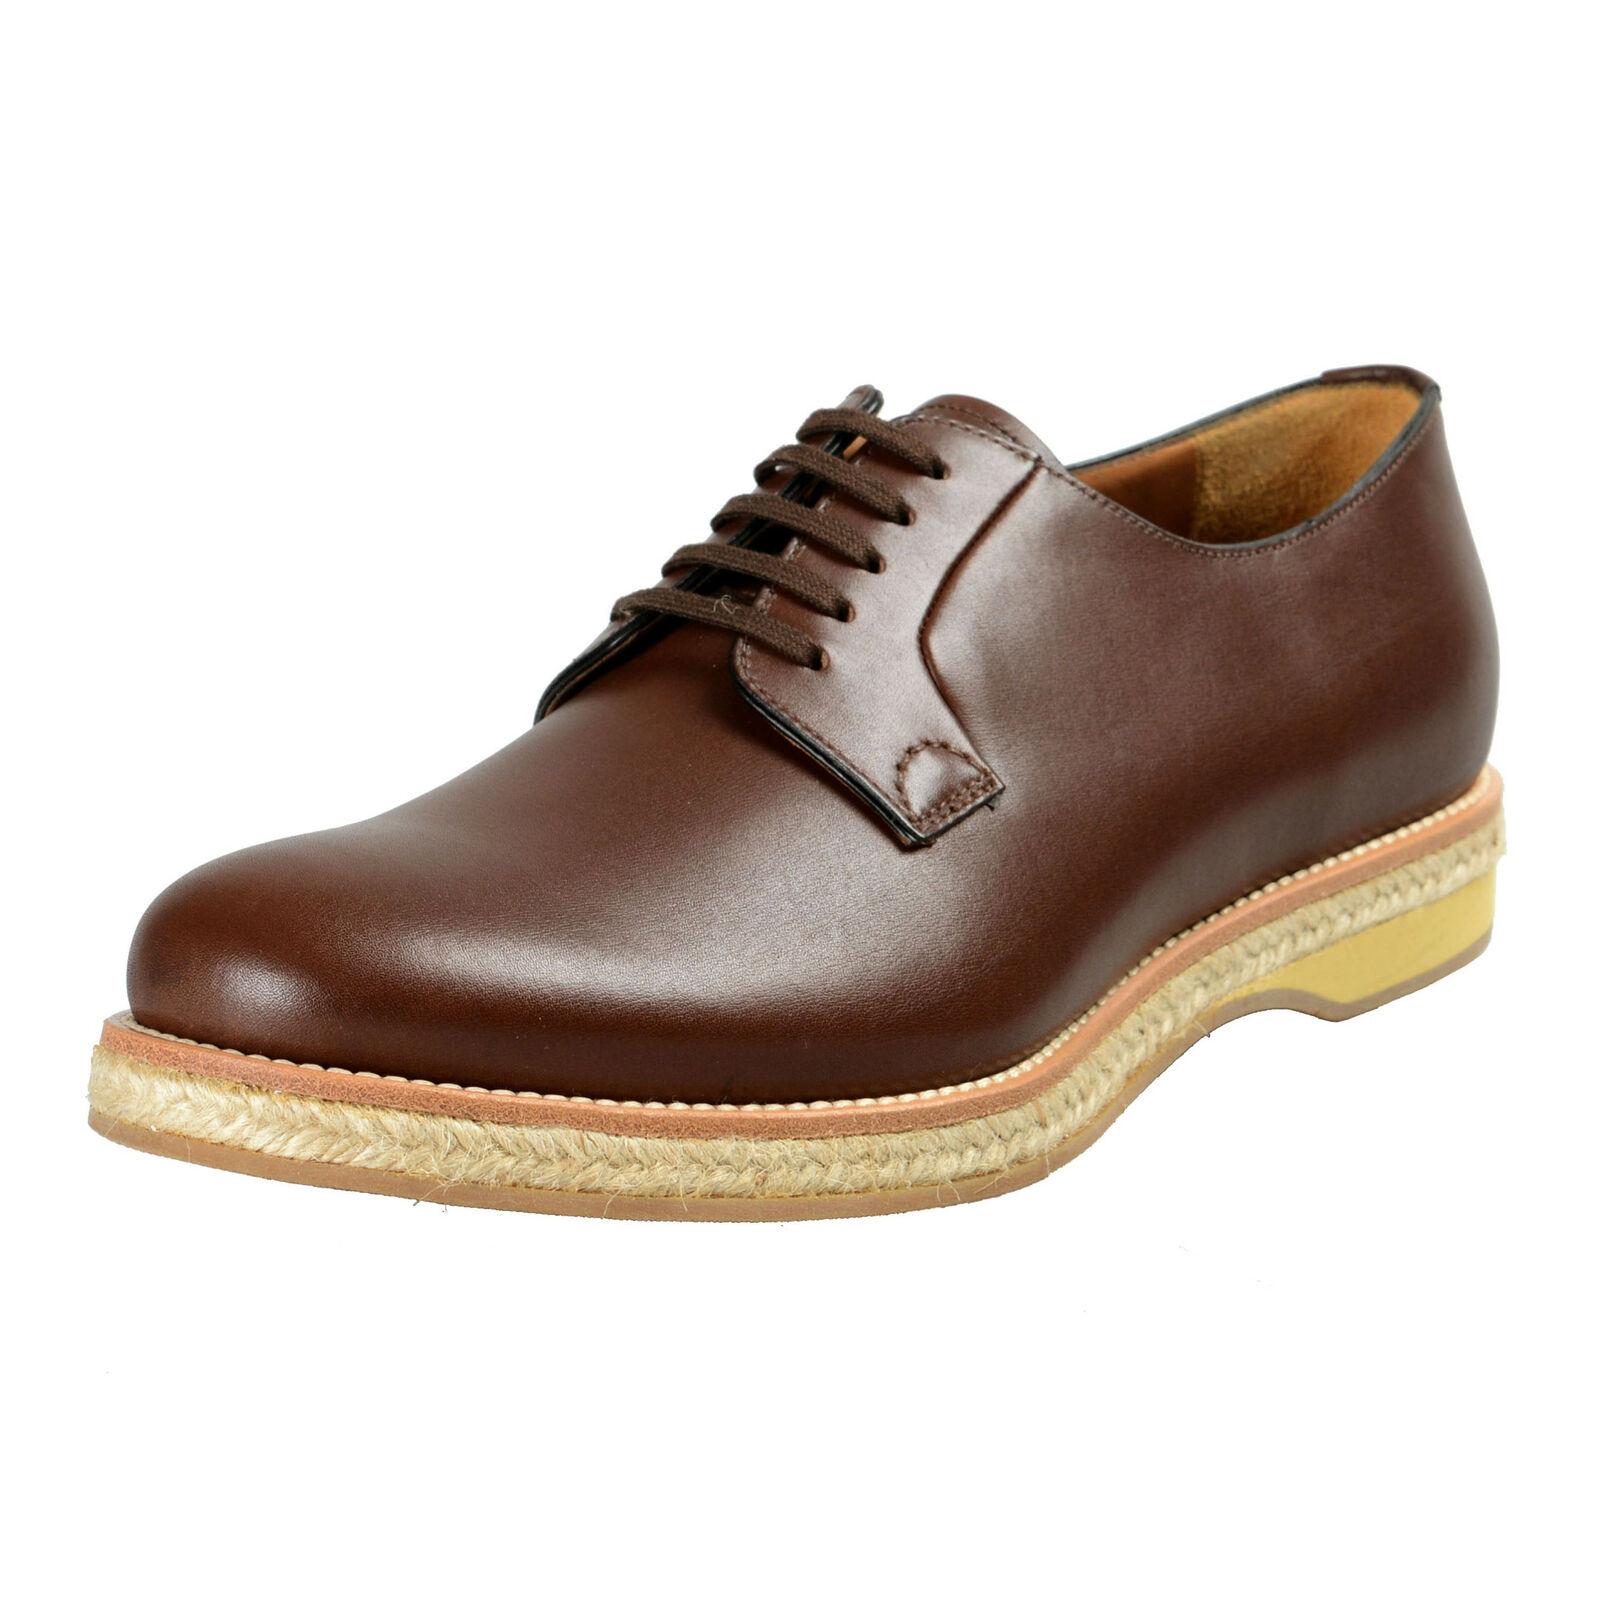 Prada Homme Brun Foncé Cuir Richelieus Chaussures 9 9.5 9.5 9.5 10 10.5 11 11.5 12  trouvez votre favori ici